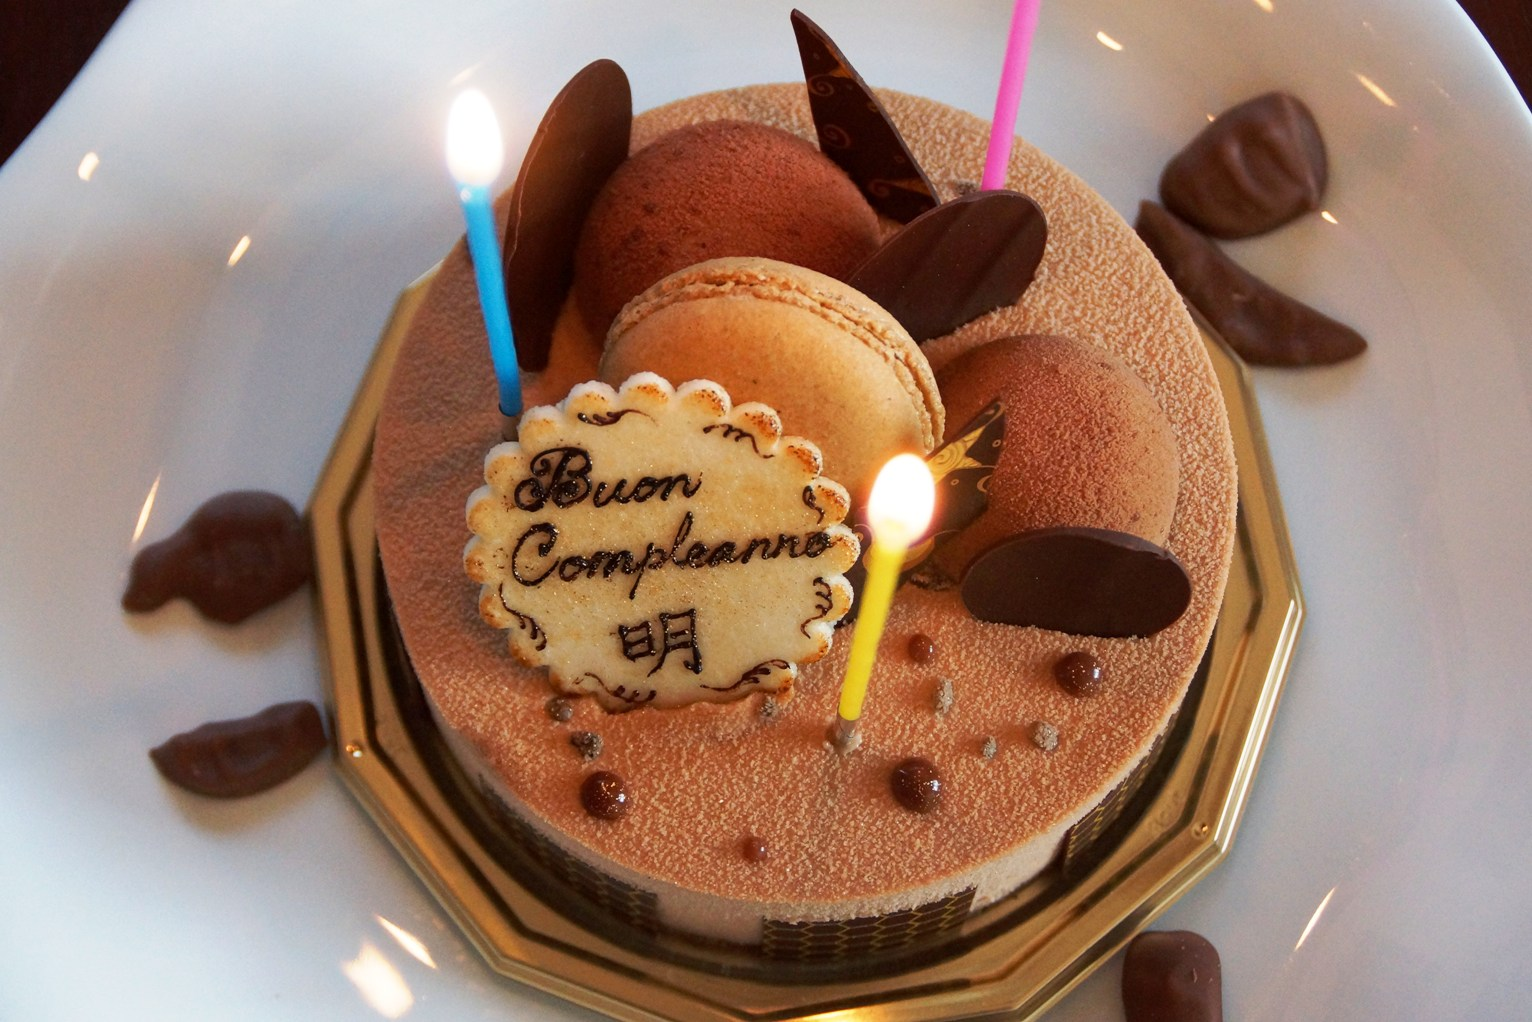 誕生日祝いに手作りちらし寿司とル リスのケーキfrom芽ぶきさん~11月に二人展「あきたま。」@啓祐堂_f0006713_2147110.jpg